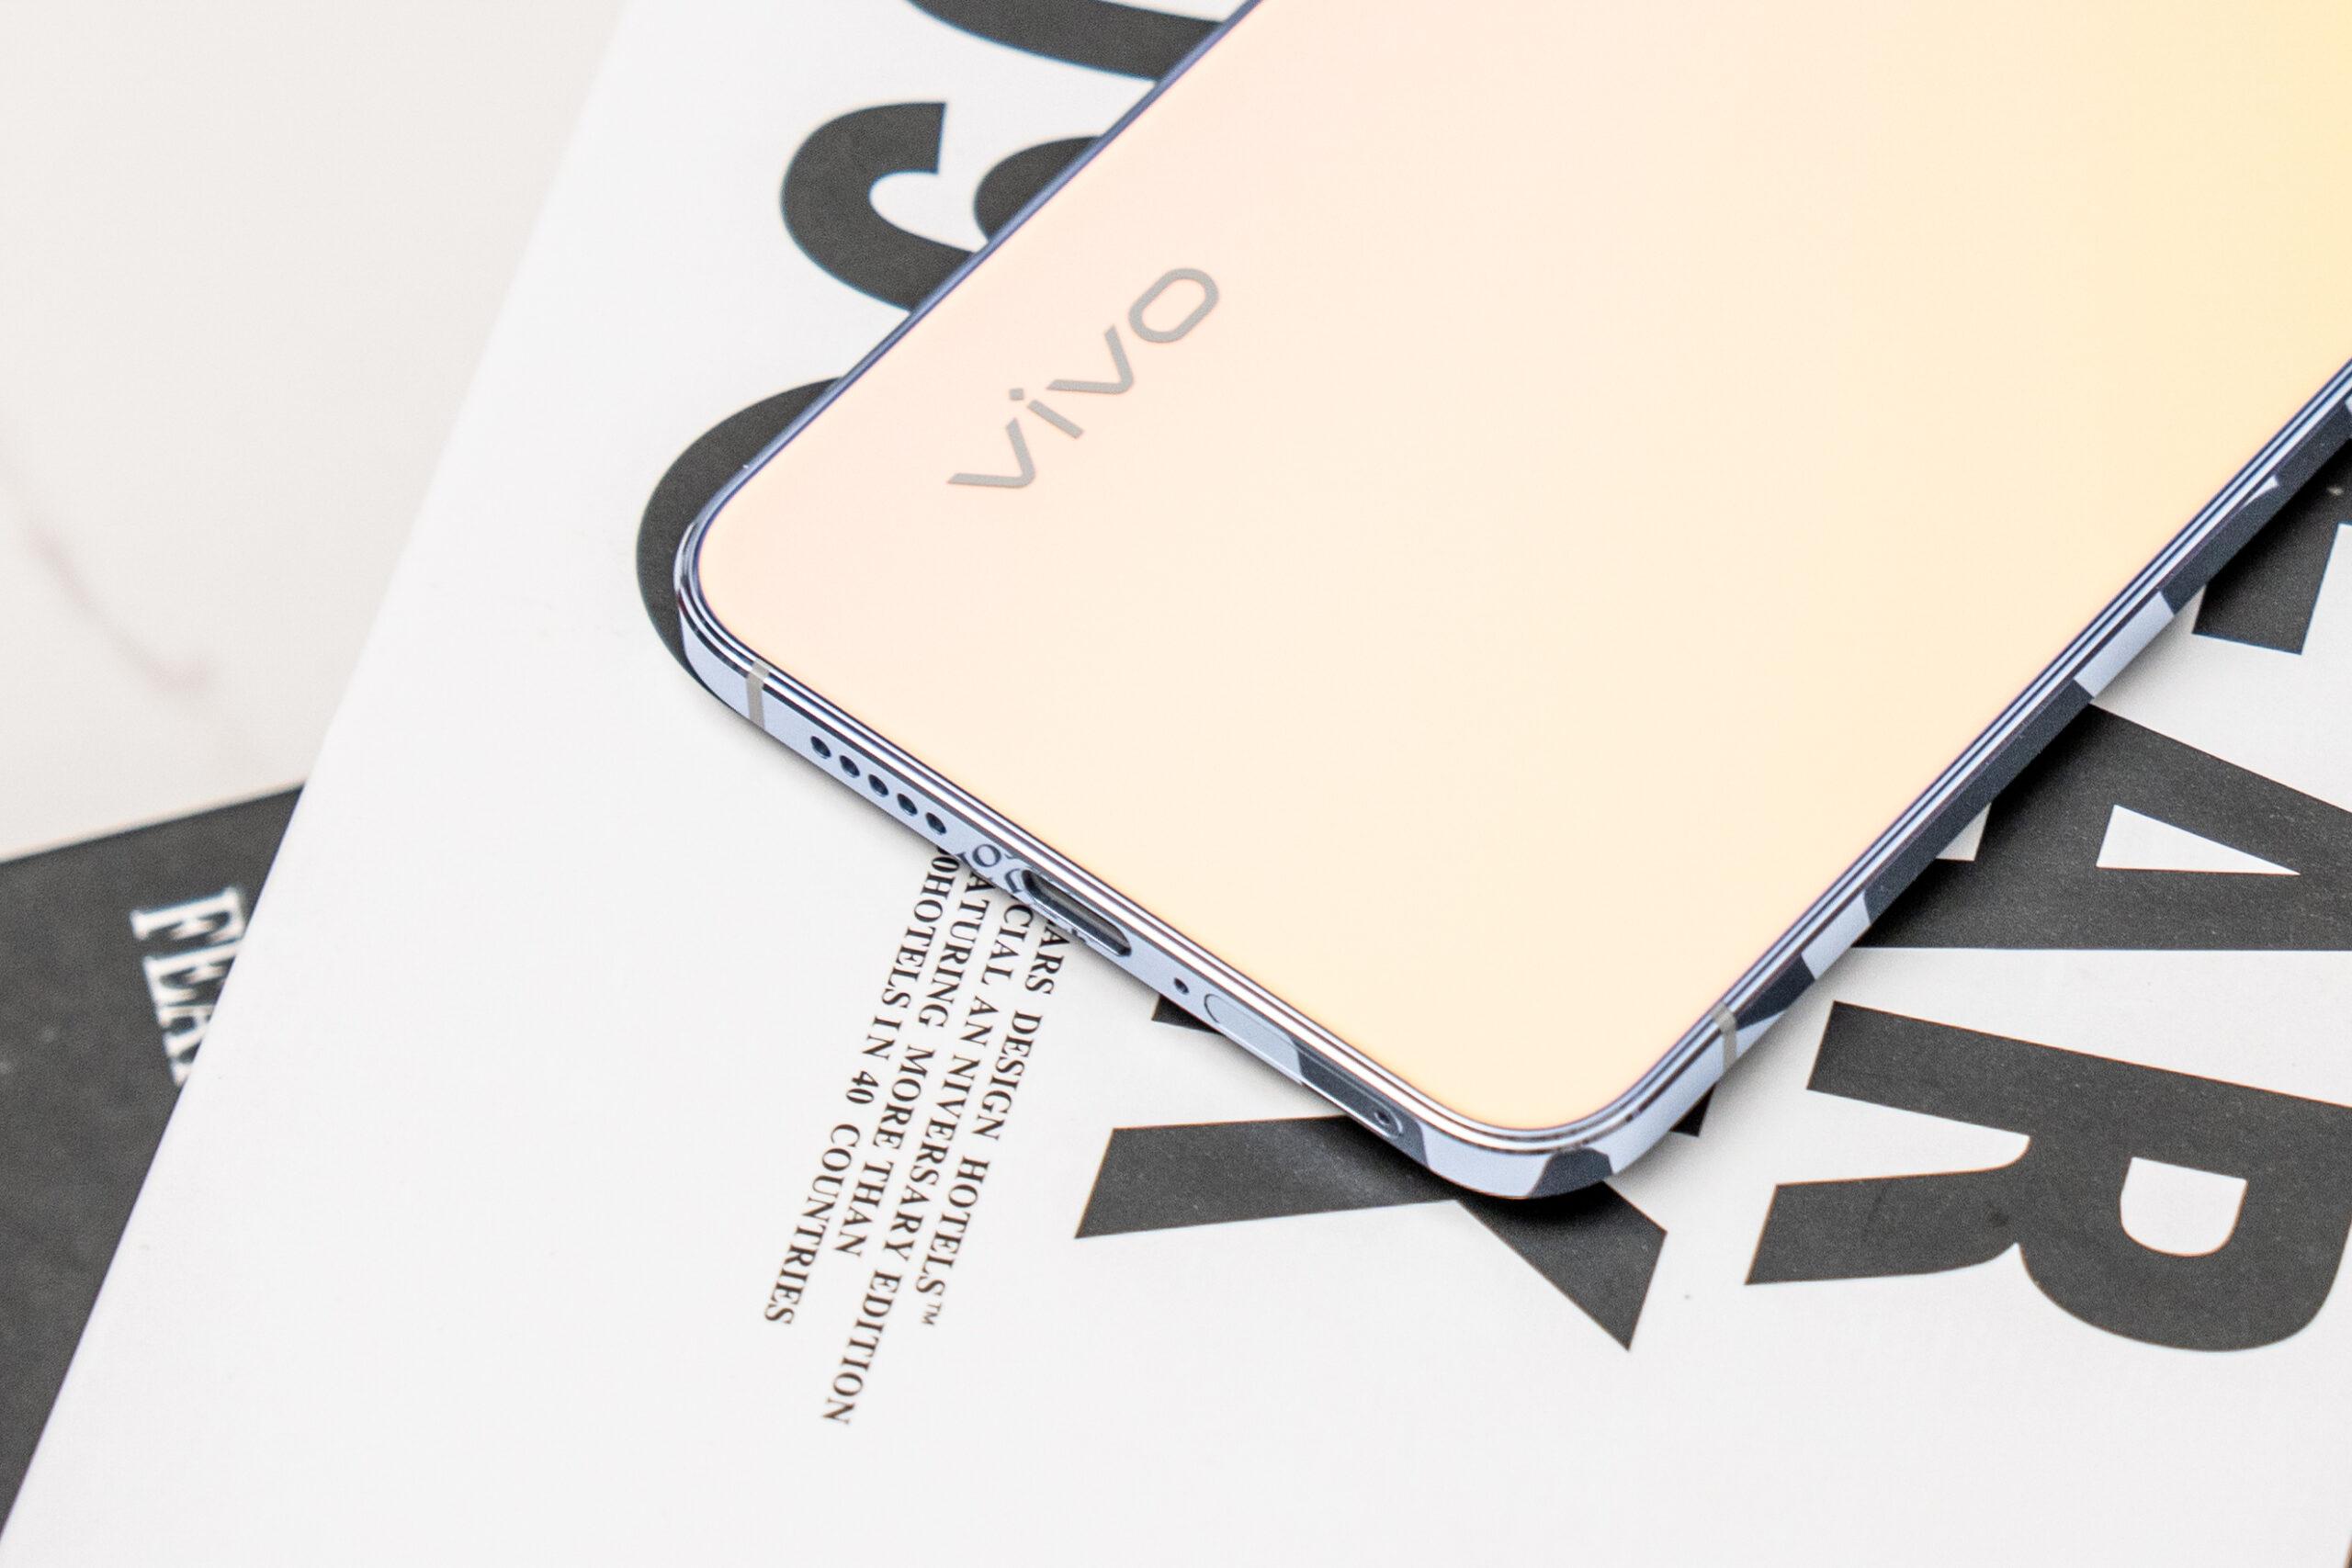 用vivo S10 Pro记录生活点滴,捕捉光的痕迹插图(4)